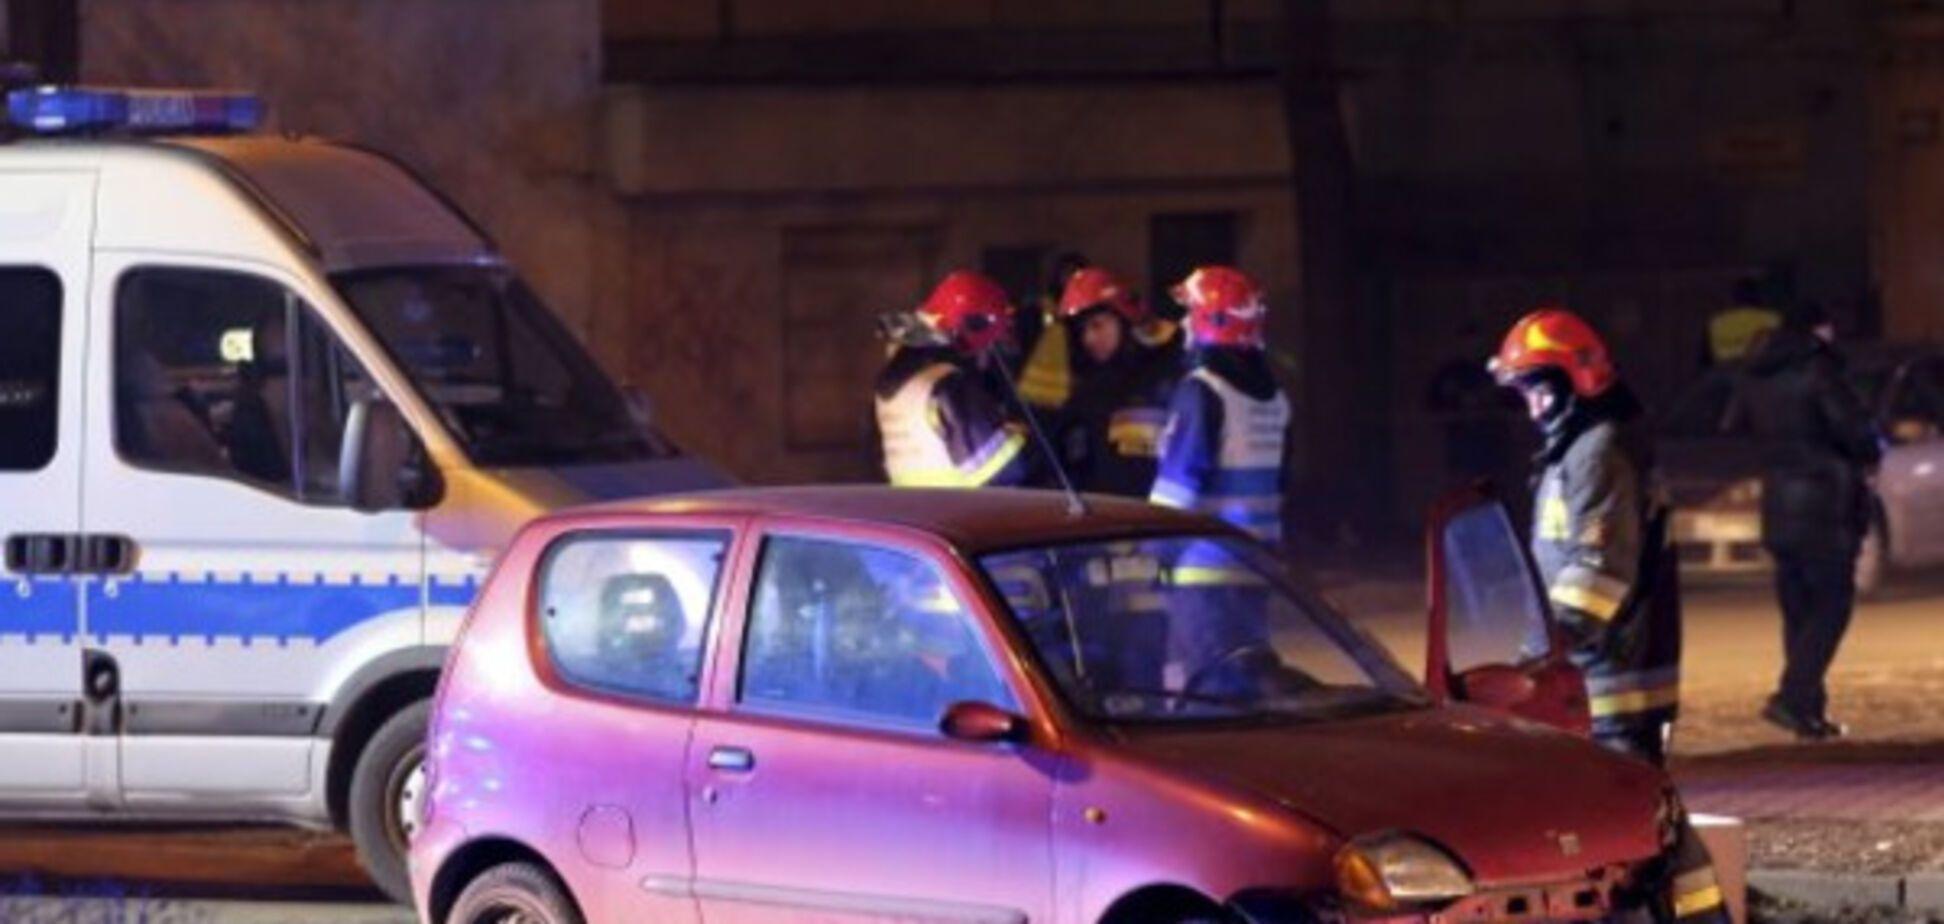 Беата Шидлов потрапила в аварію